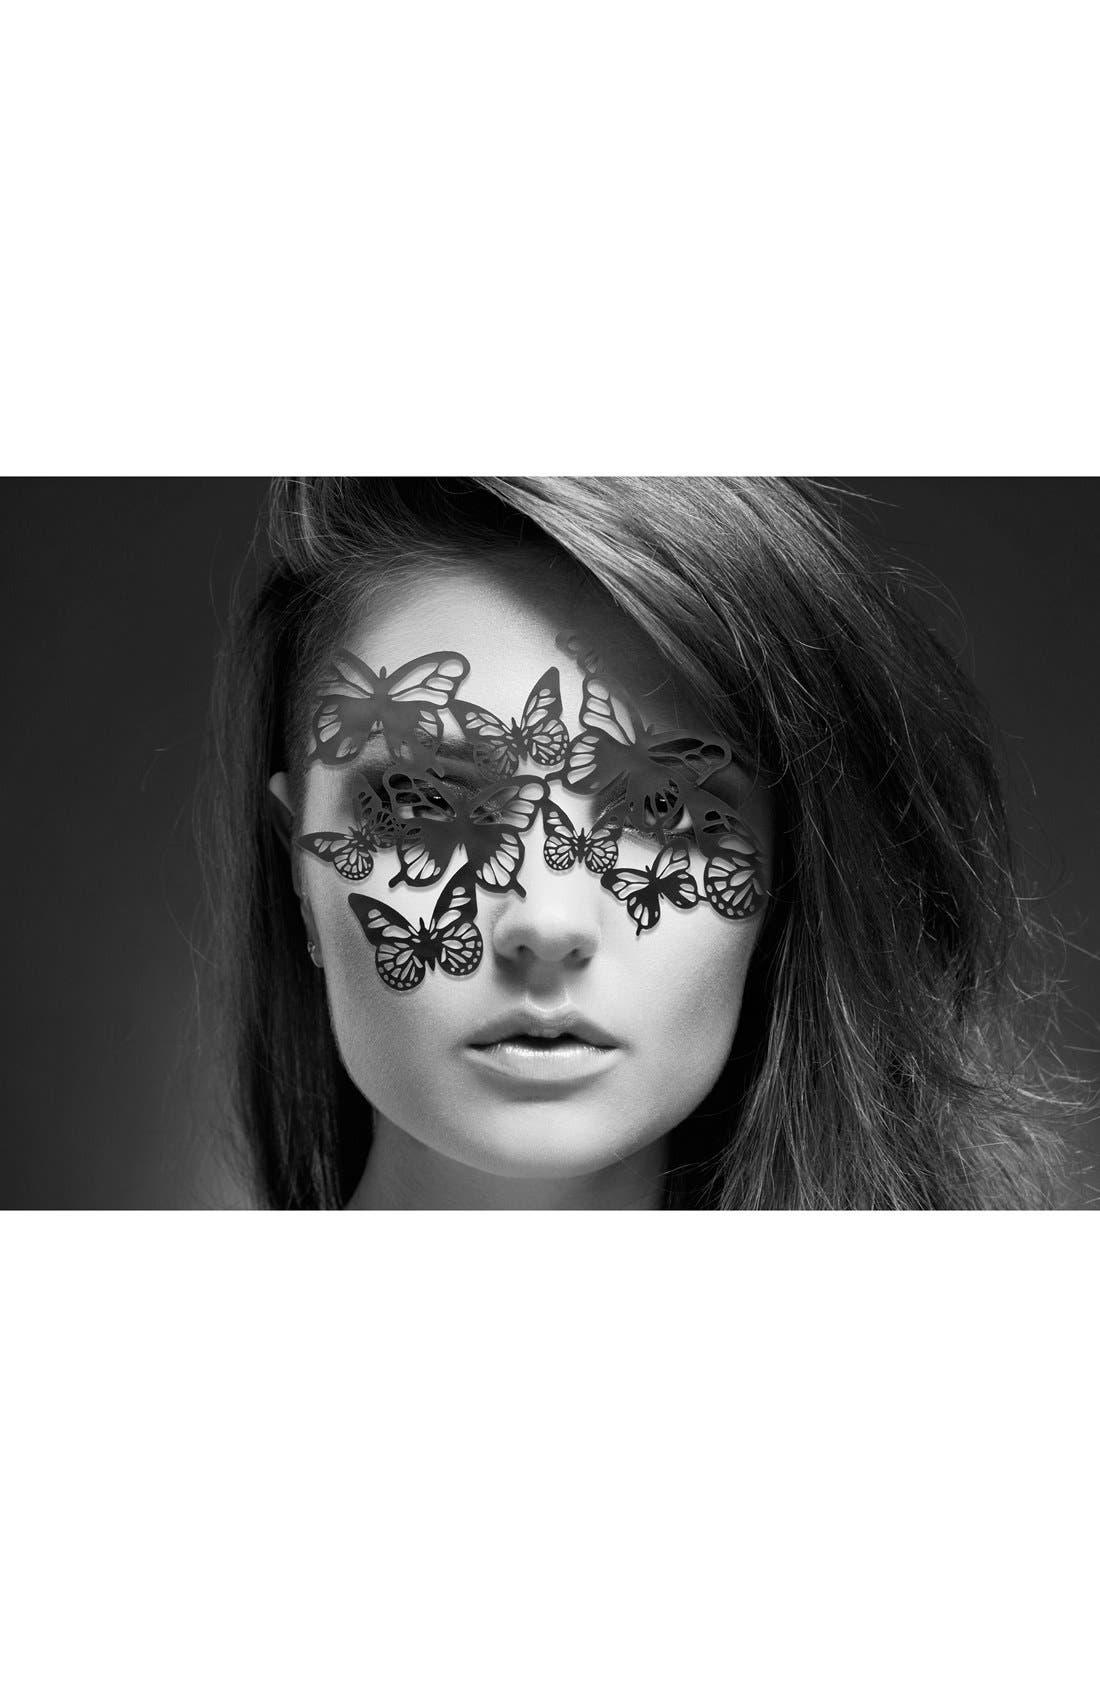 Cutout Eye Mask,                             Alternate thumbnail 2, color,                             NO_COLOR